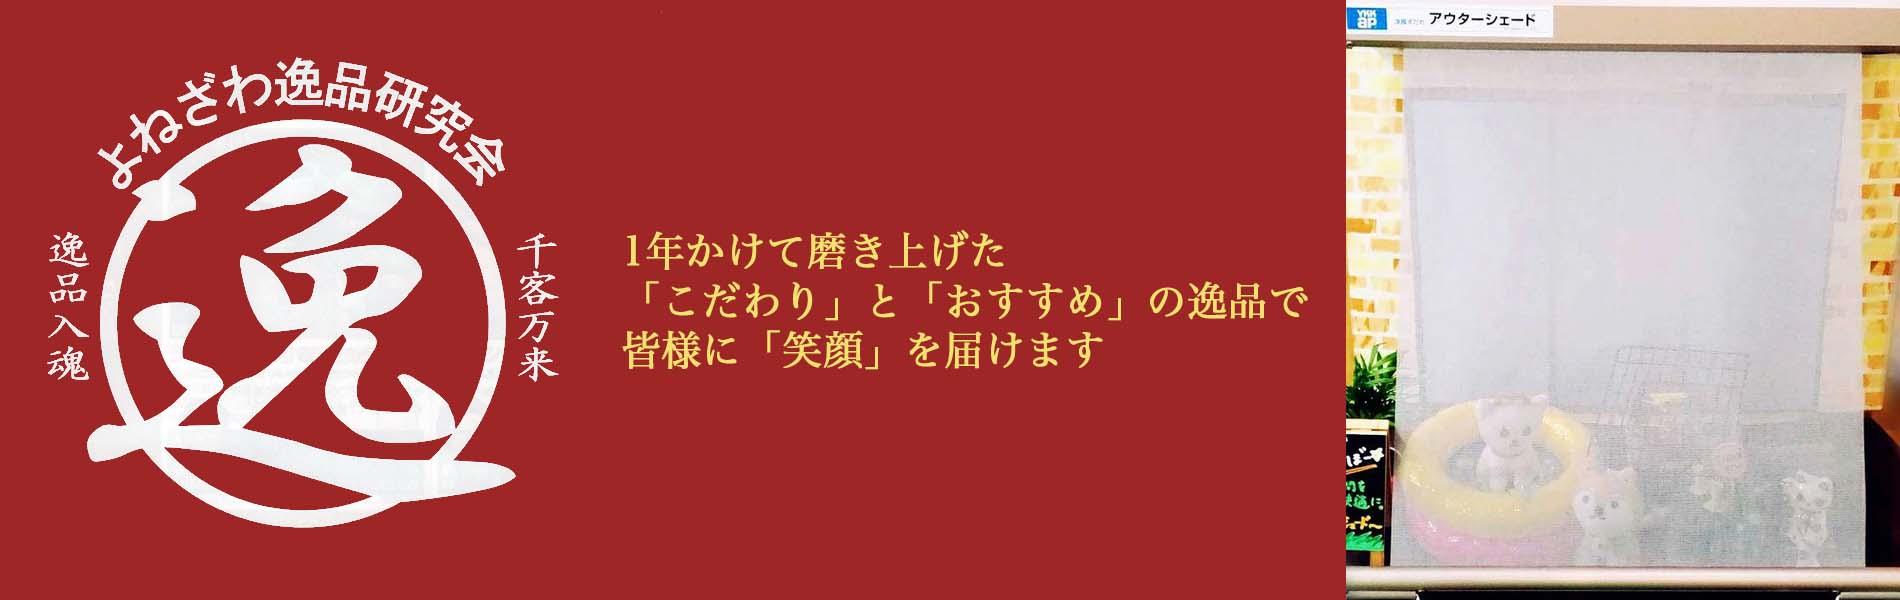 よねざわ逸品研究会第7弾